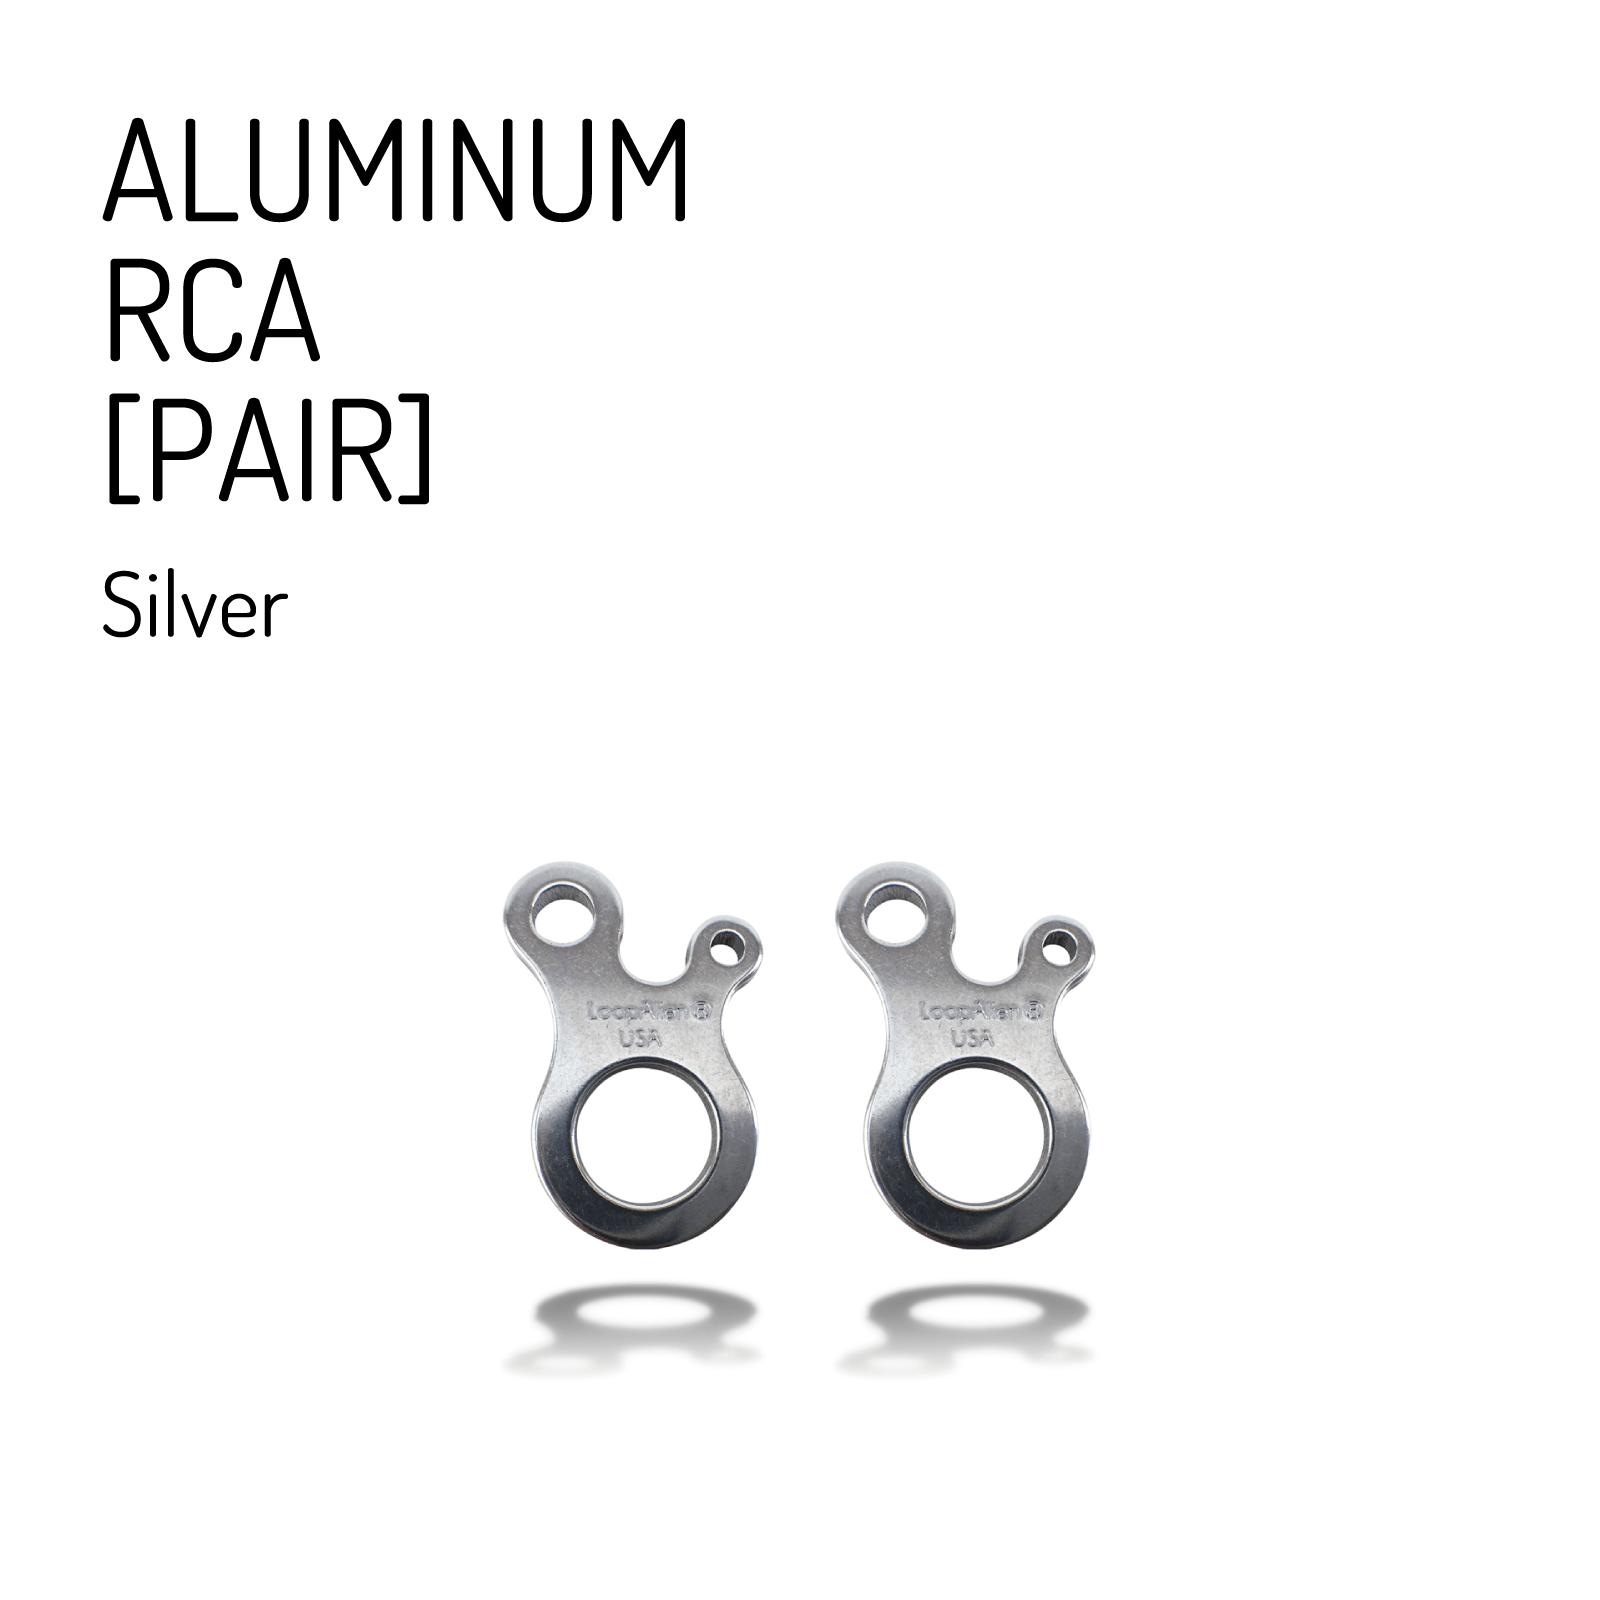 【送料無料】 ループエイリアン RCA  [アルミニウム] シルバー (2個セット) / LoopAlien® ALUMINUM RCA Silver  (PAIR)